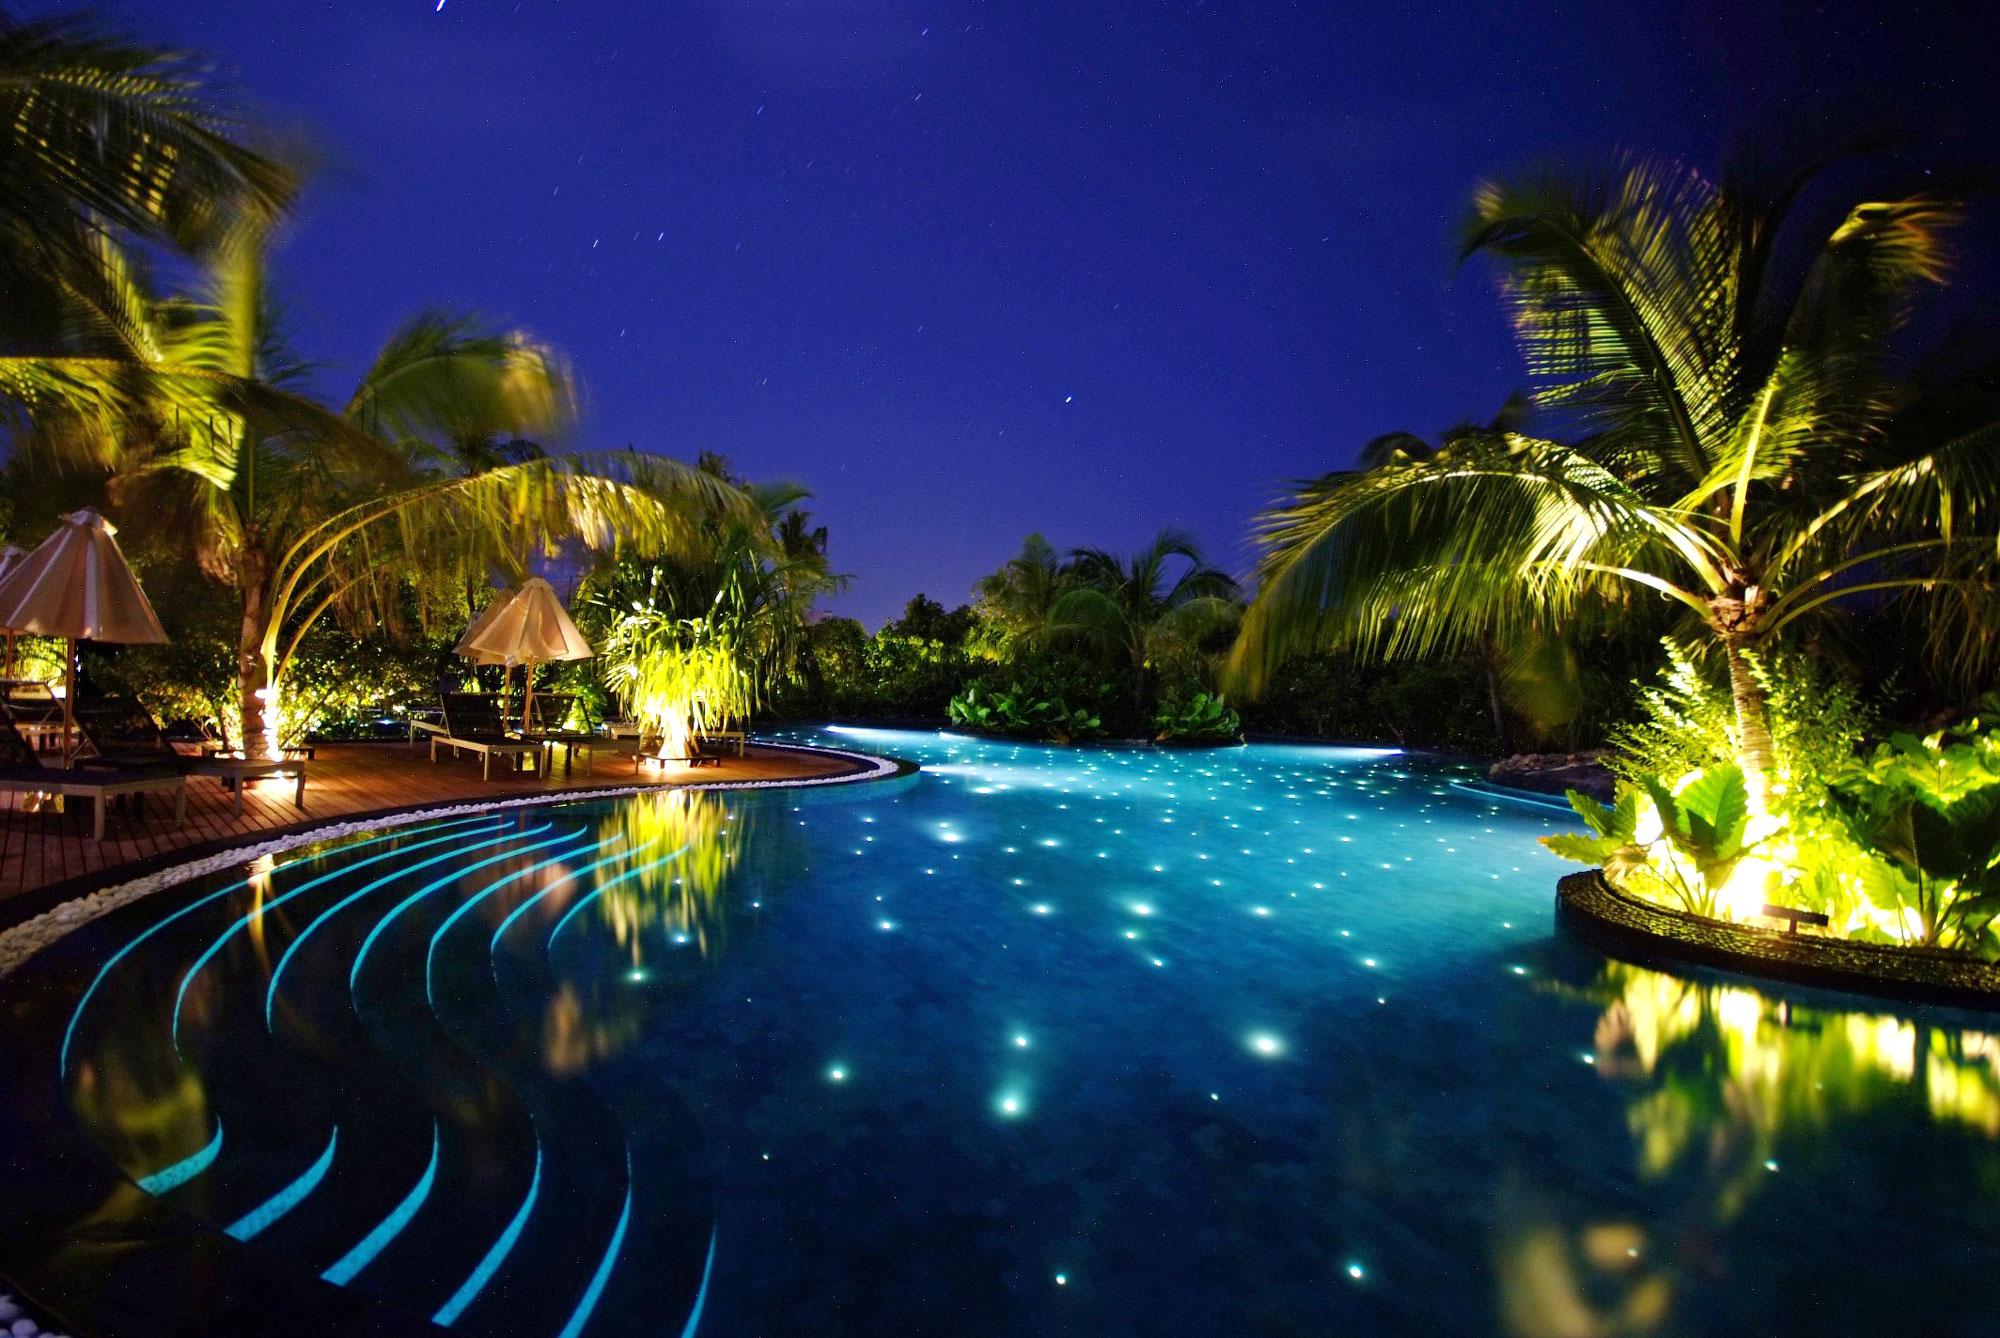 Iruveli A Serene Beach House in Maldives  Architecture  Design